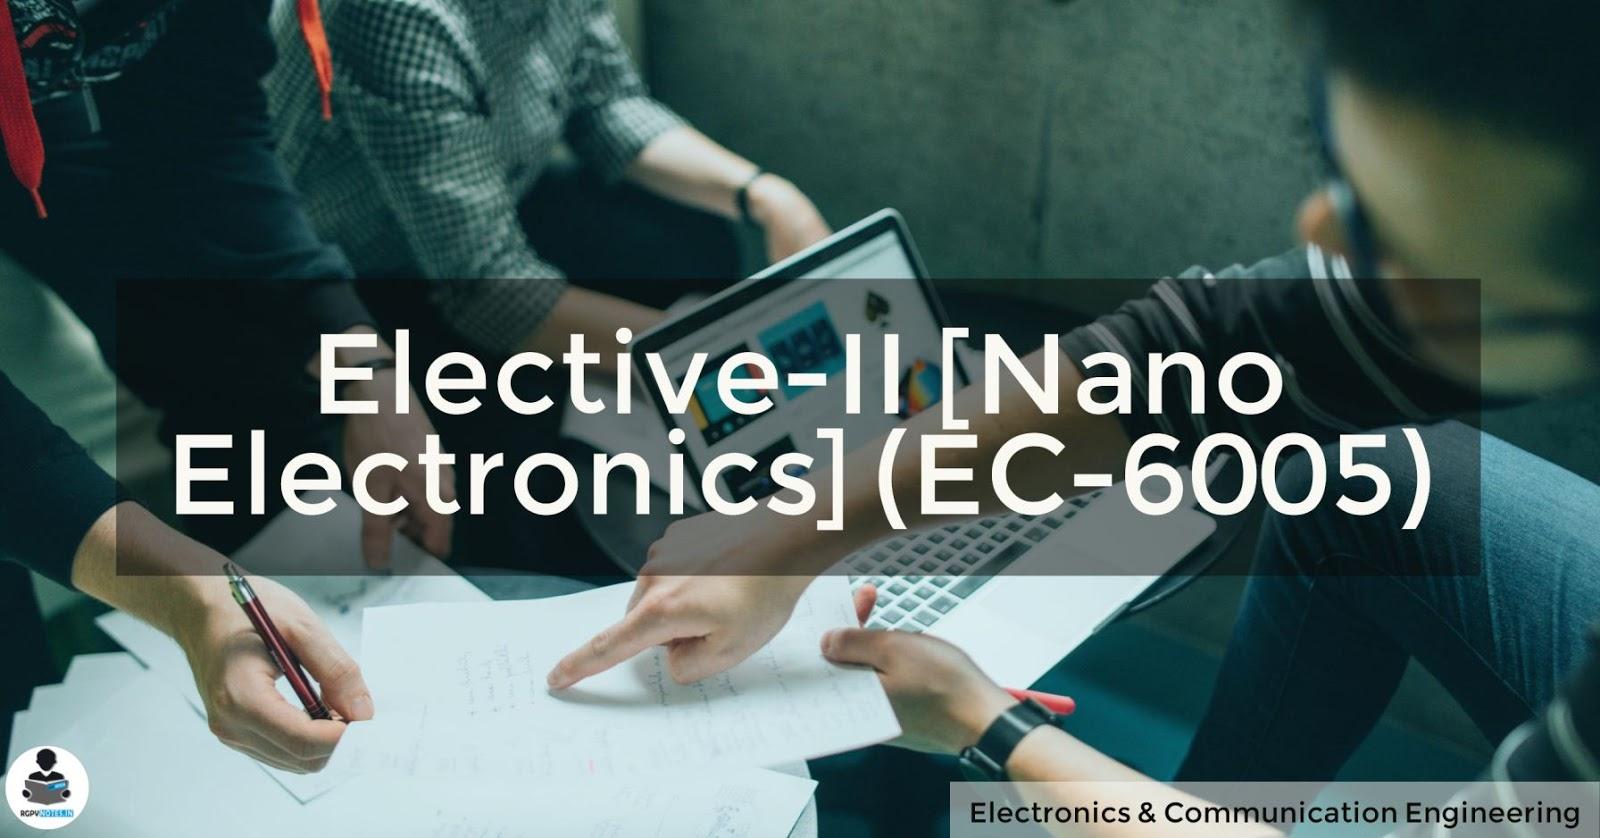 Nano Electronics (EC-6005)